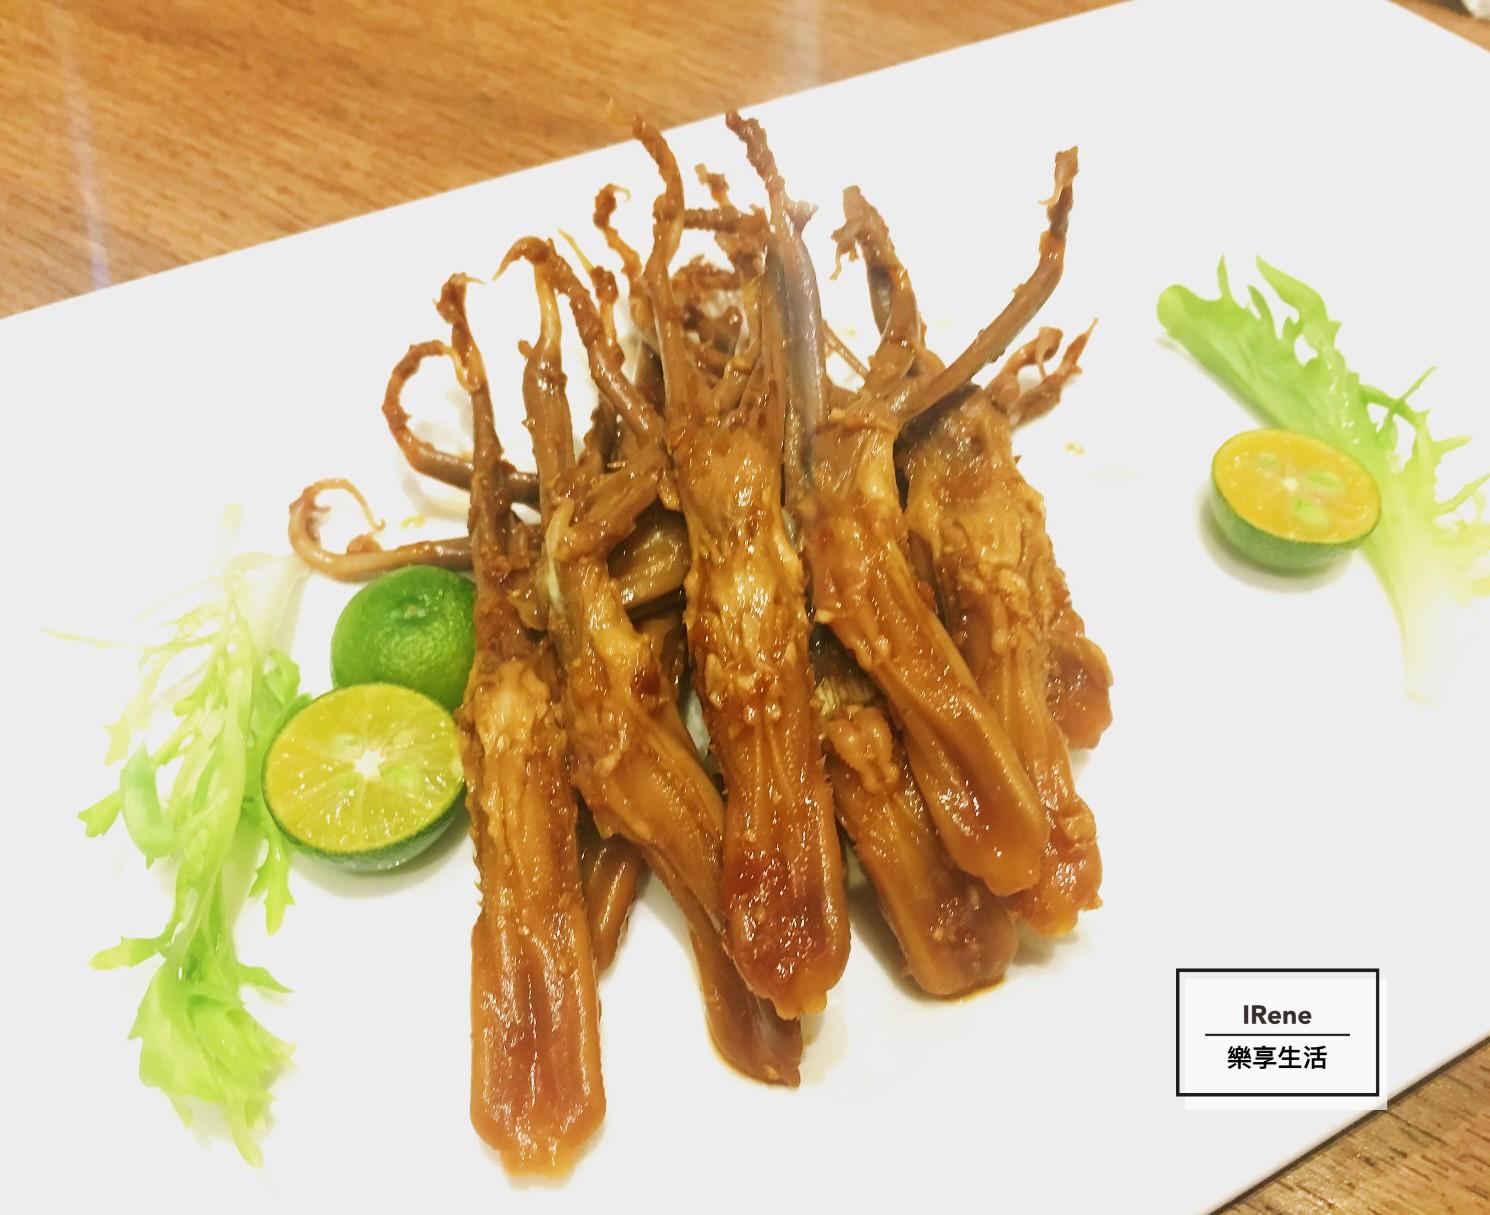 上海小南國餐廳推薦菜-回味鴨舌